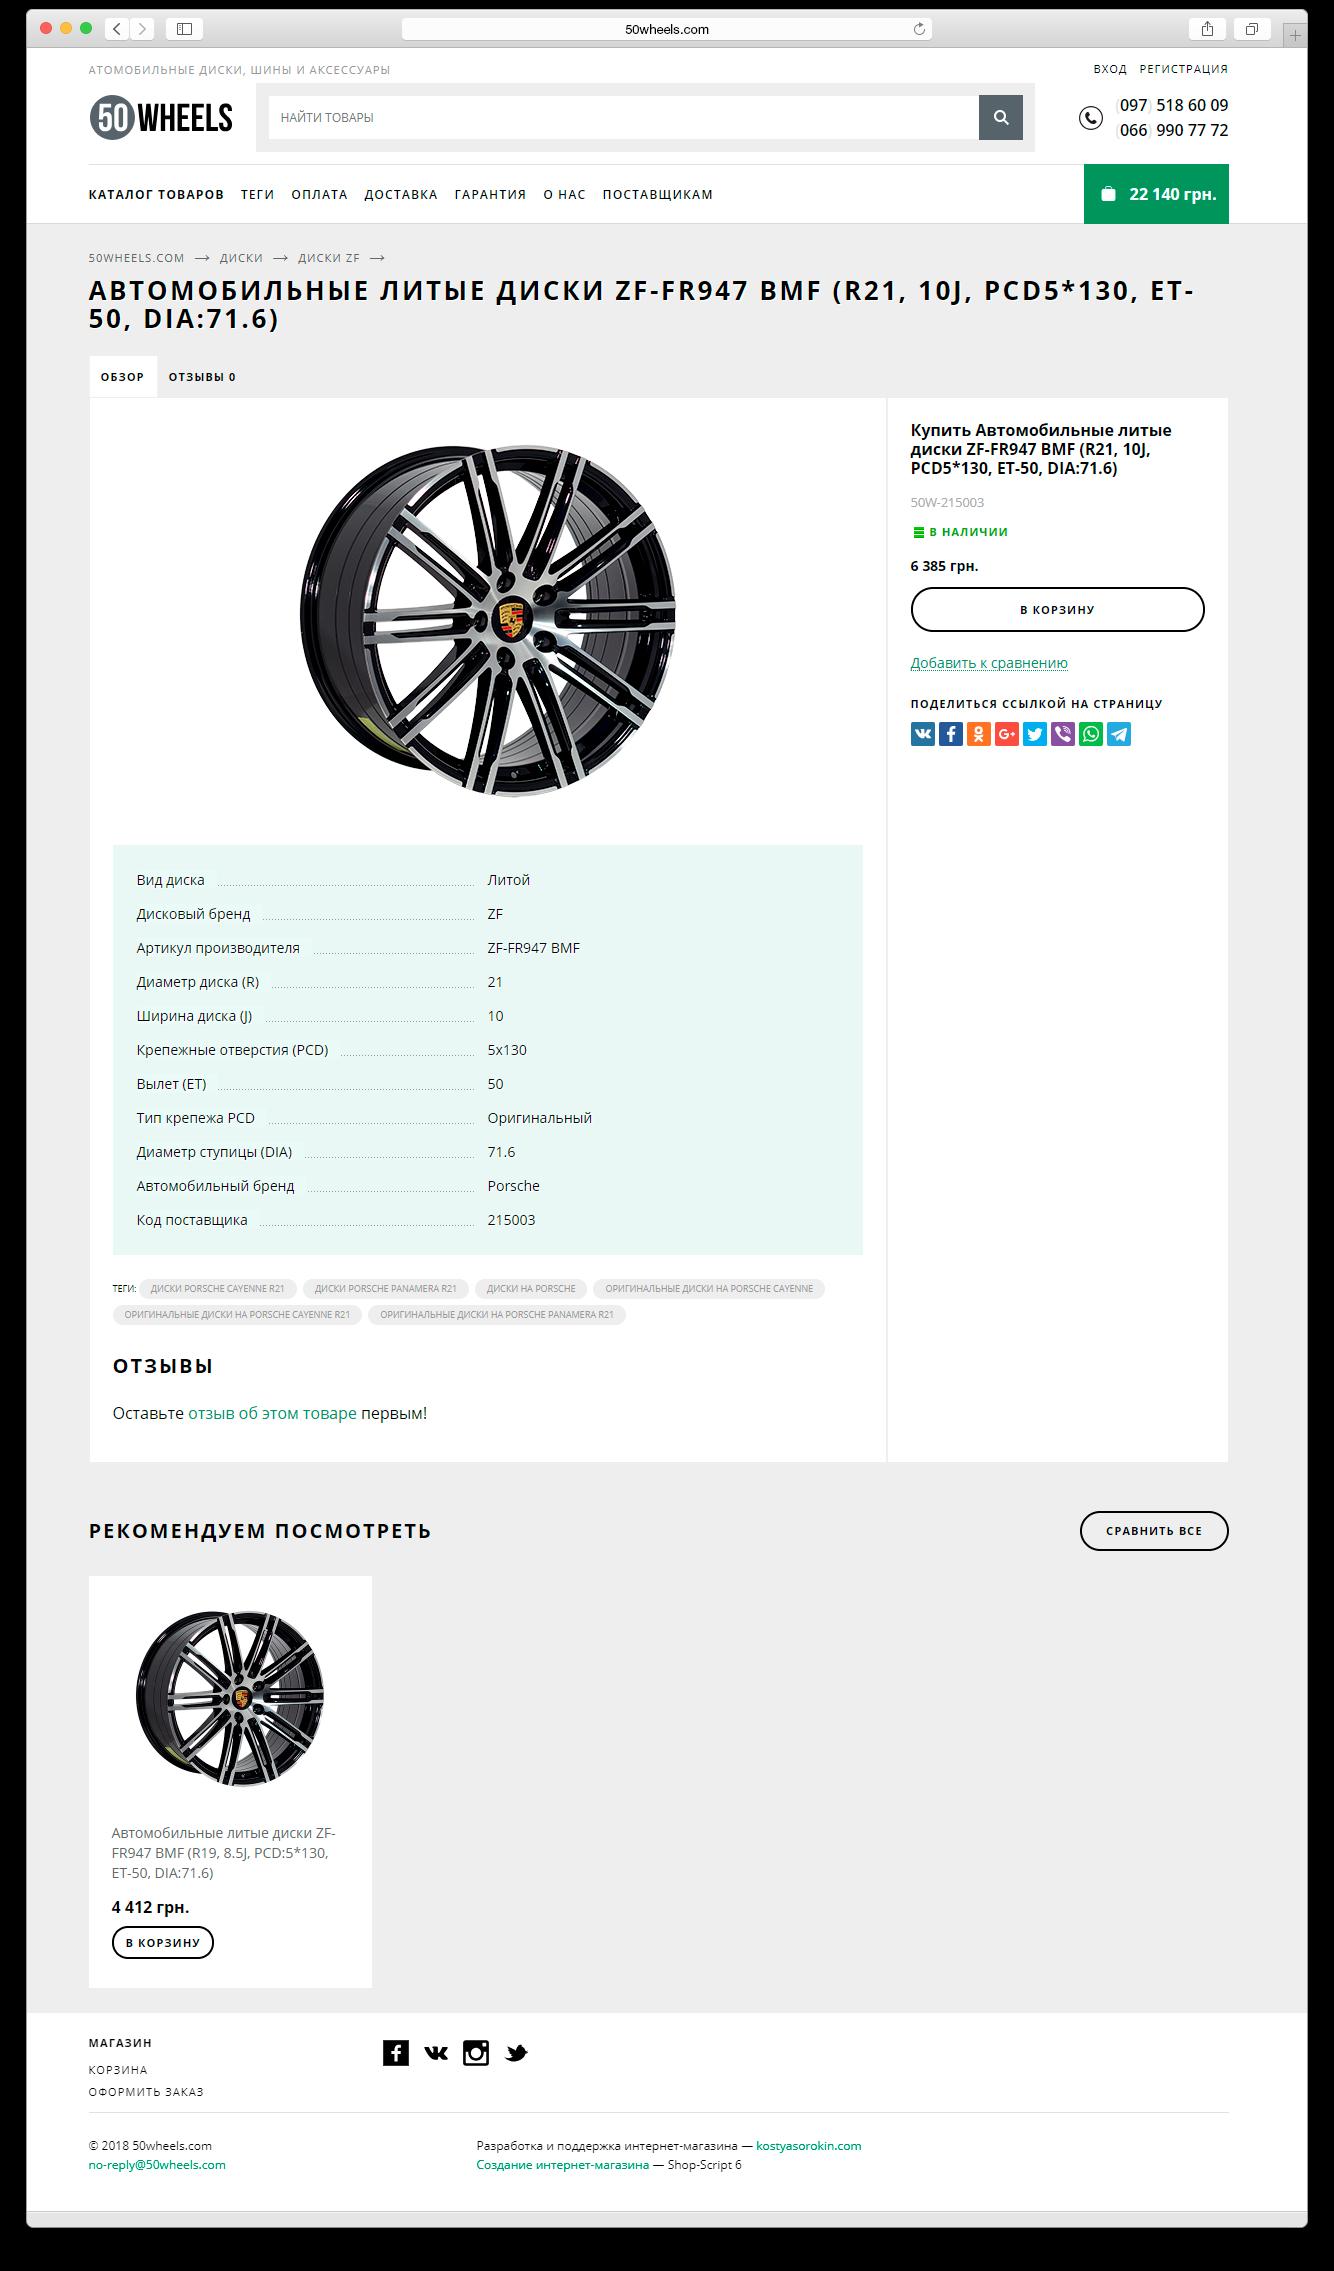 50 wheels — страница товара